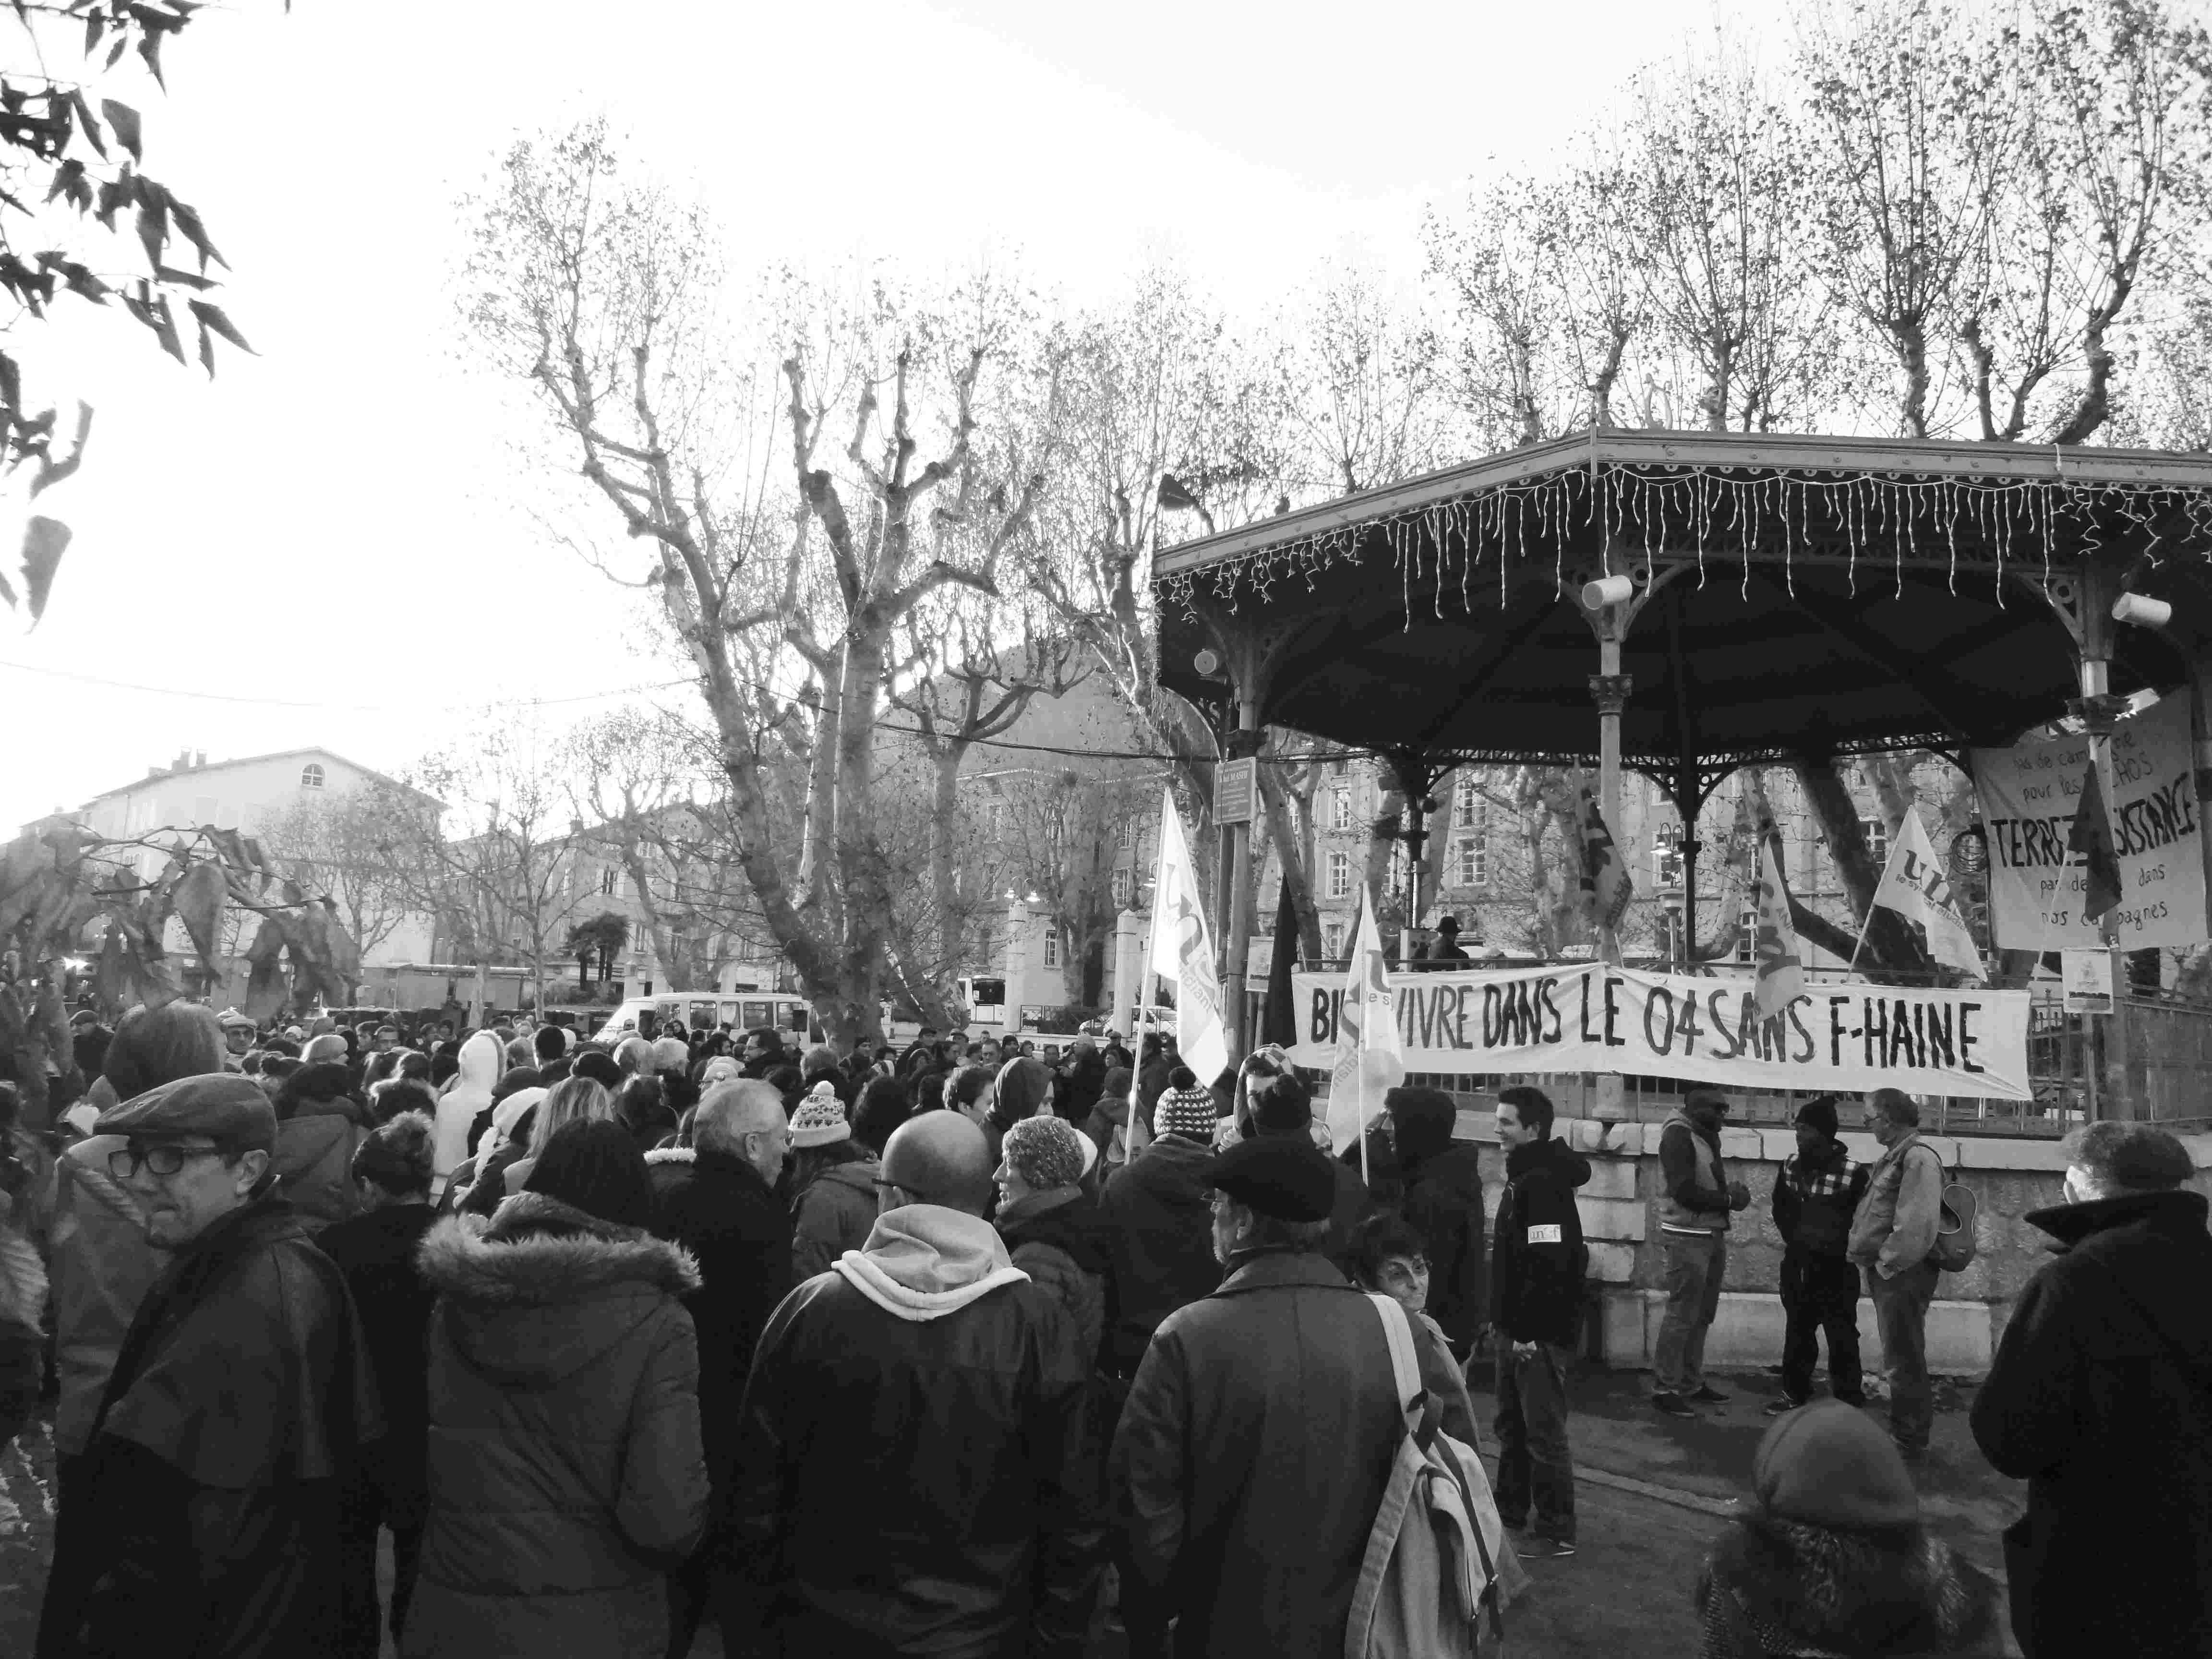 Kundgebung gegen einen Besuch von Marine Le Pen in Digne-les-Bains im November 2013